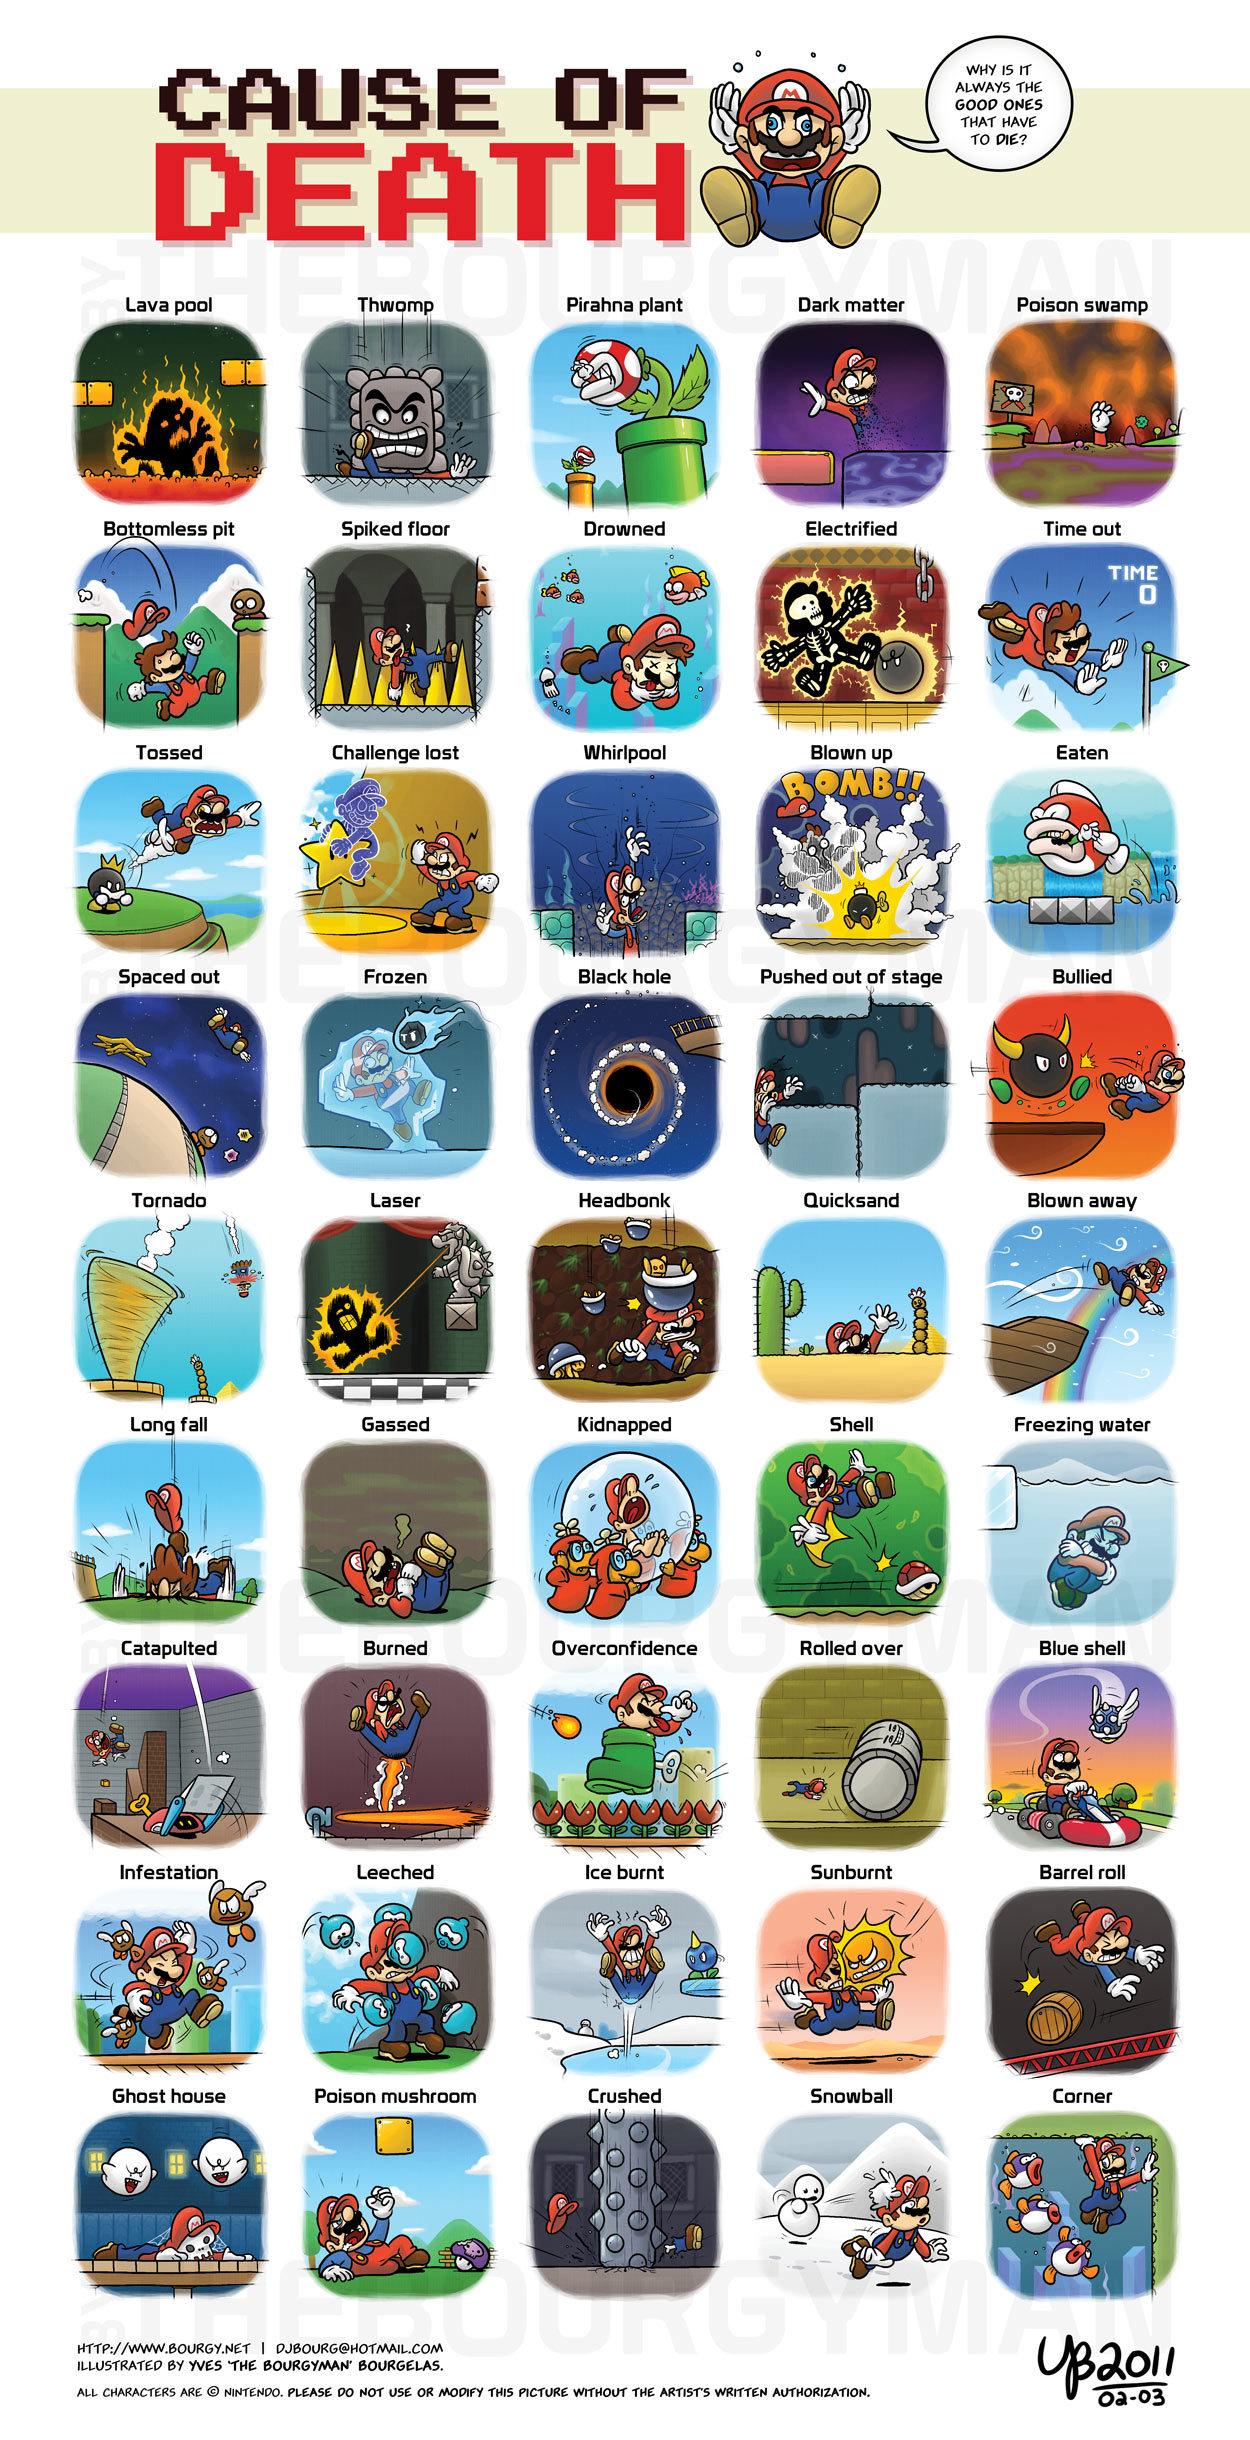 Foto de 120211 - las 45 muertes de Mario (1/1)